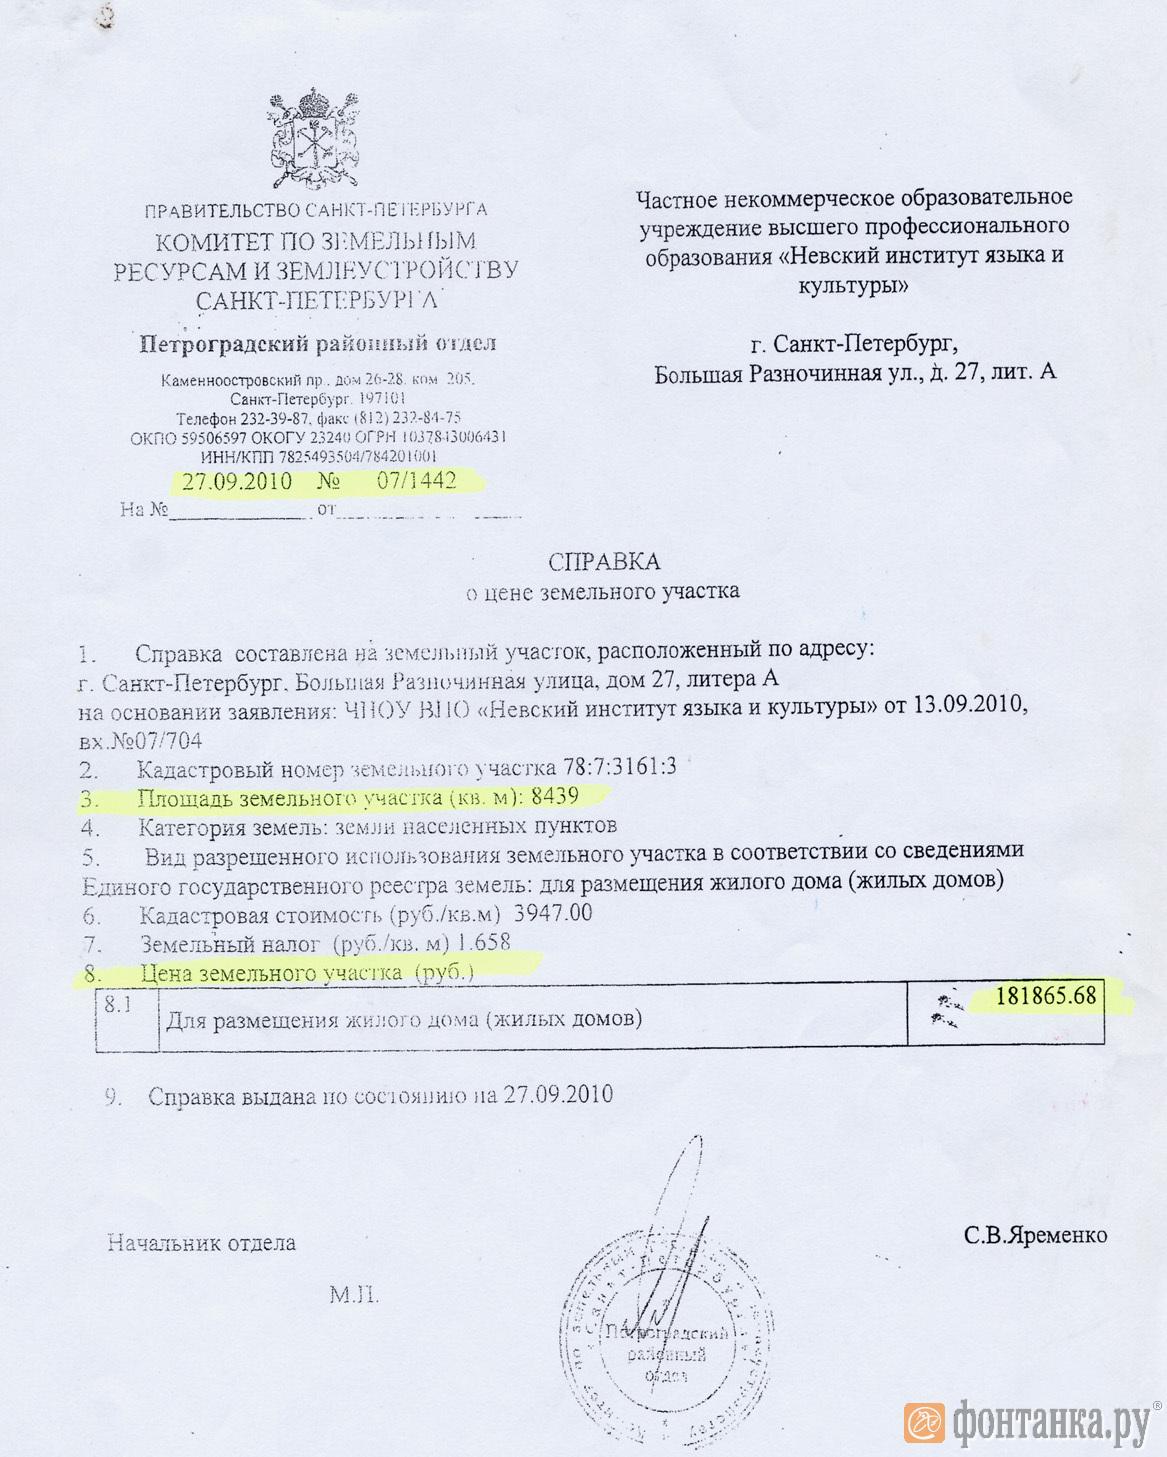 бланк документа трансгаз